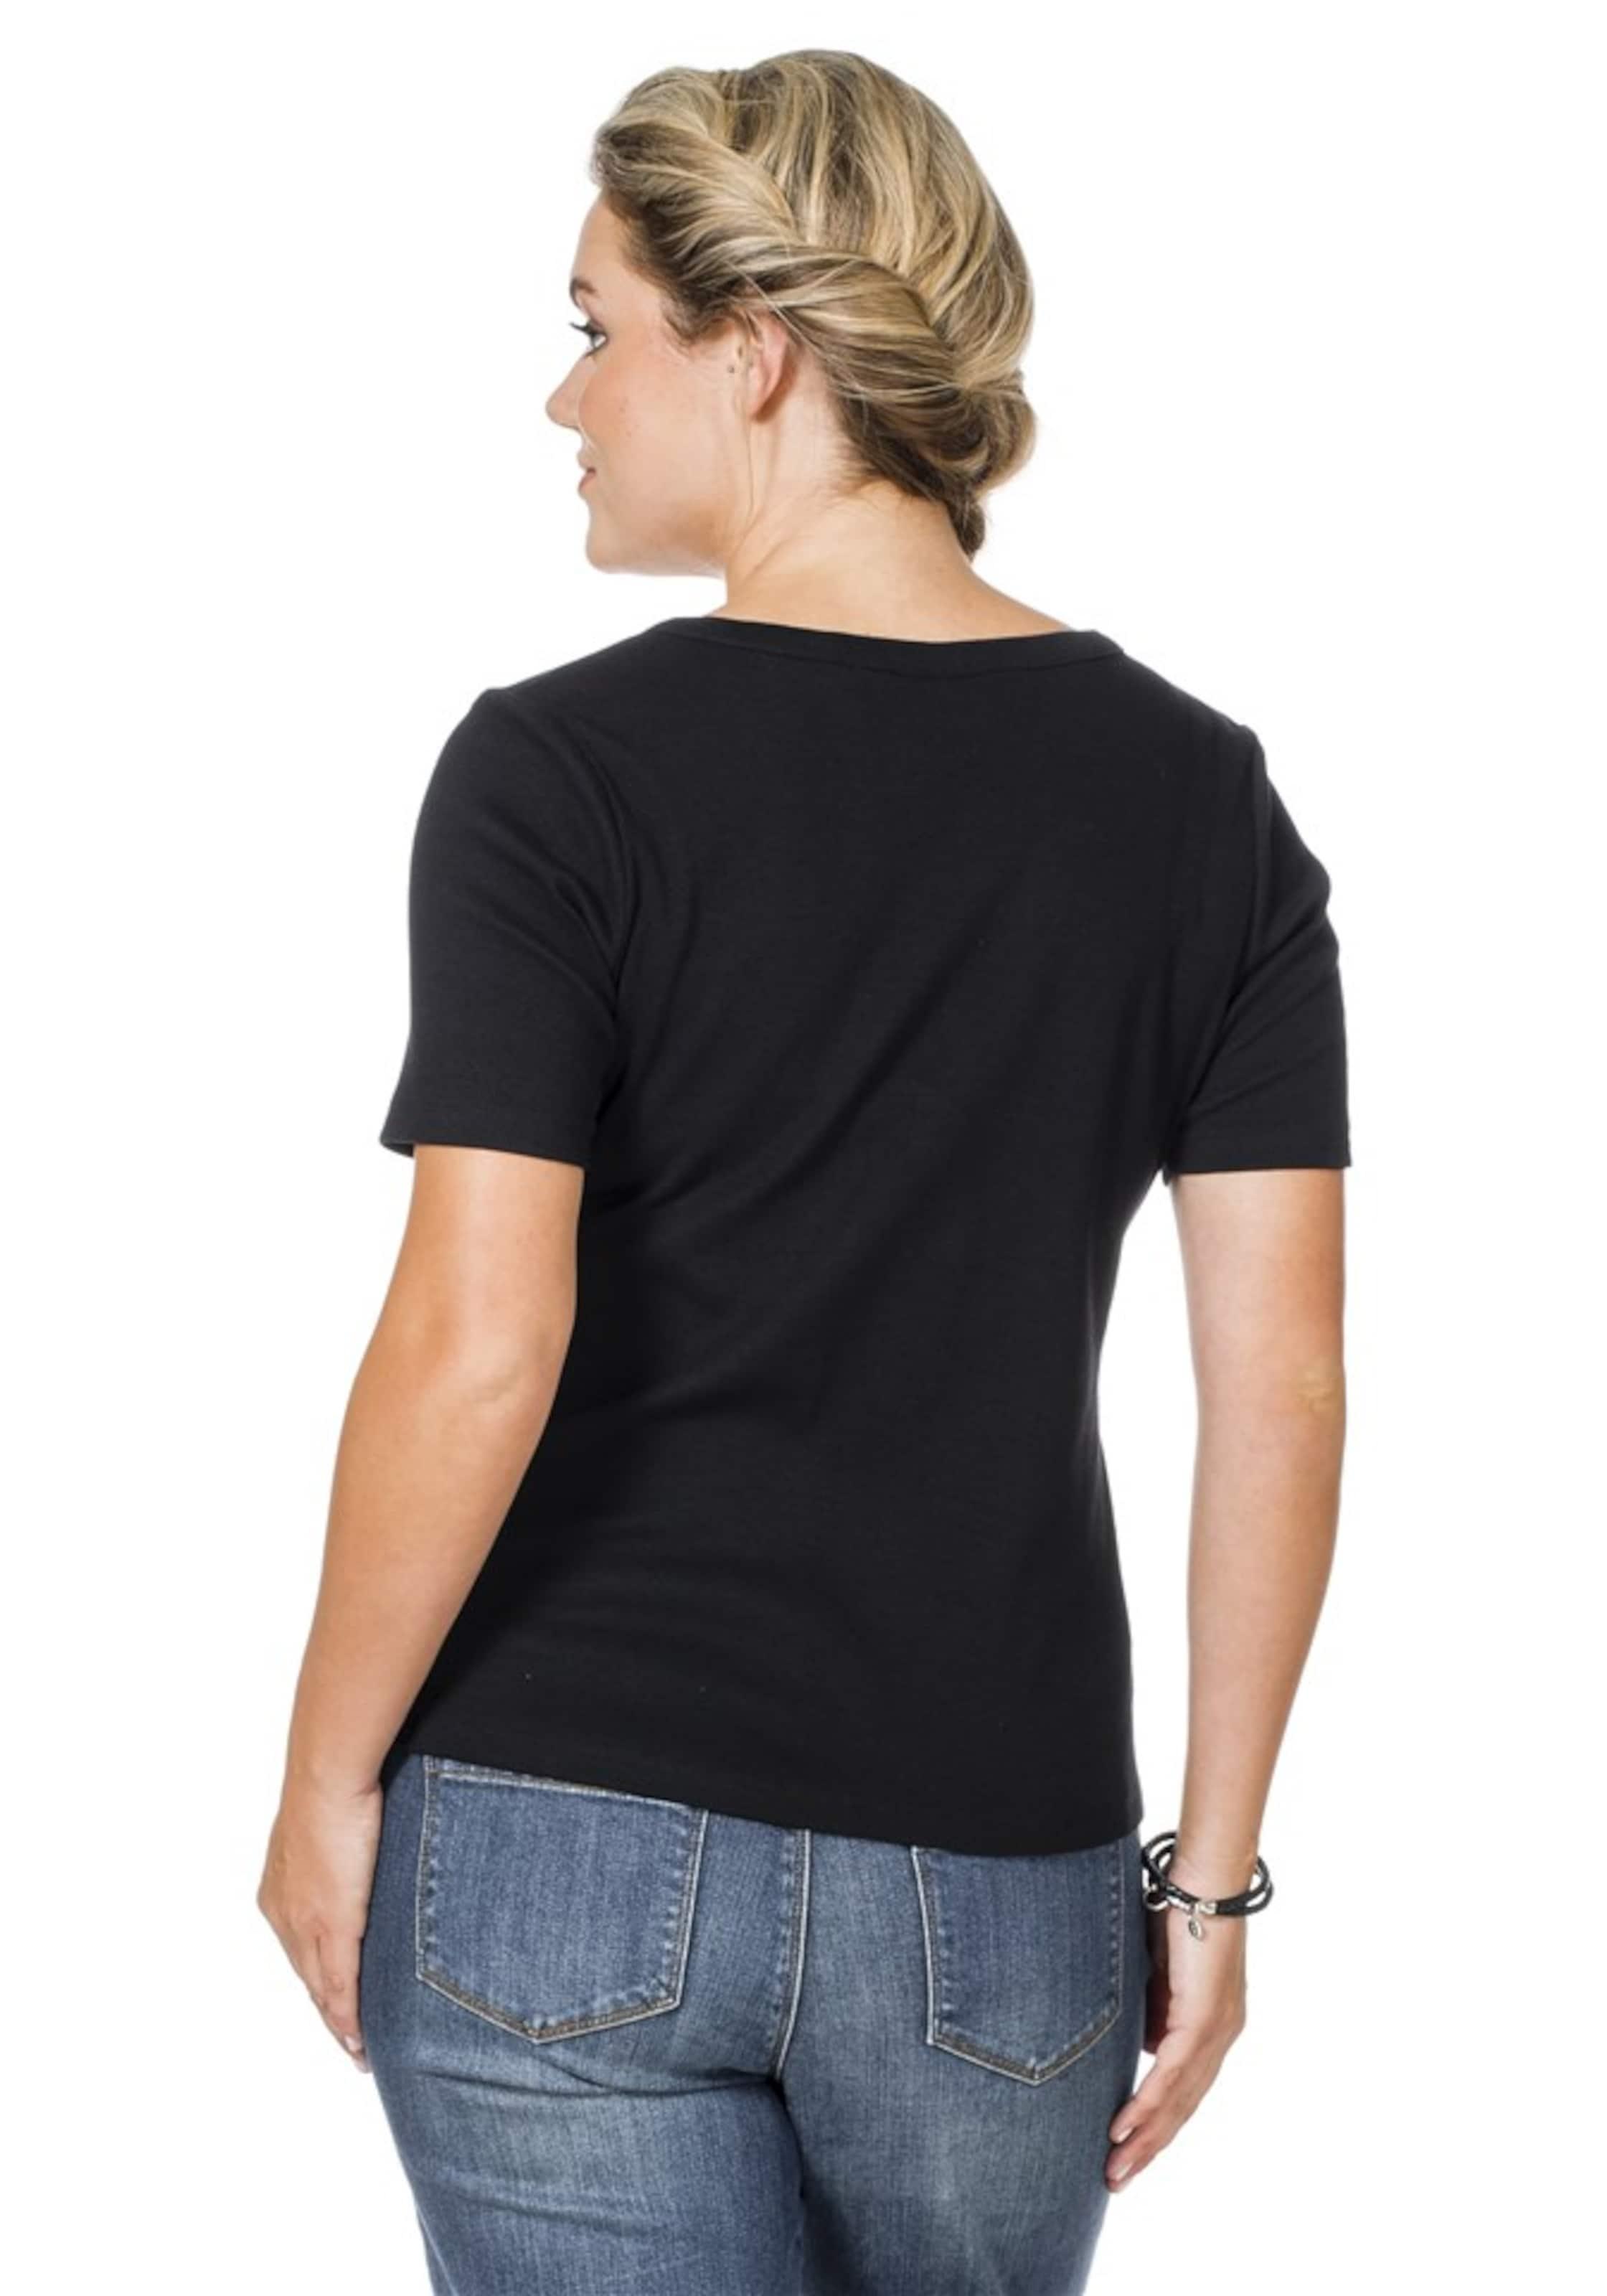 In Zauberhafte Shirtjacke Sheego Schwarz Casual R3qcjL54A